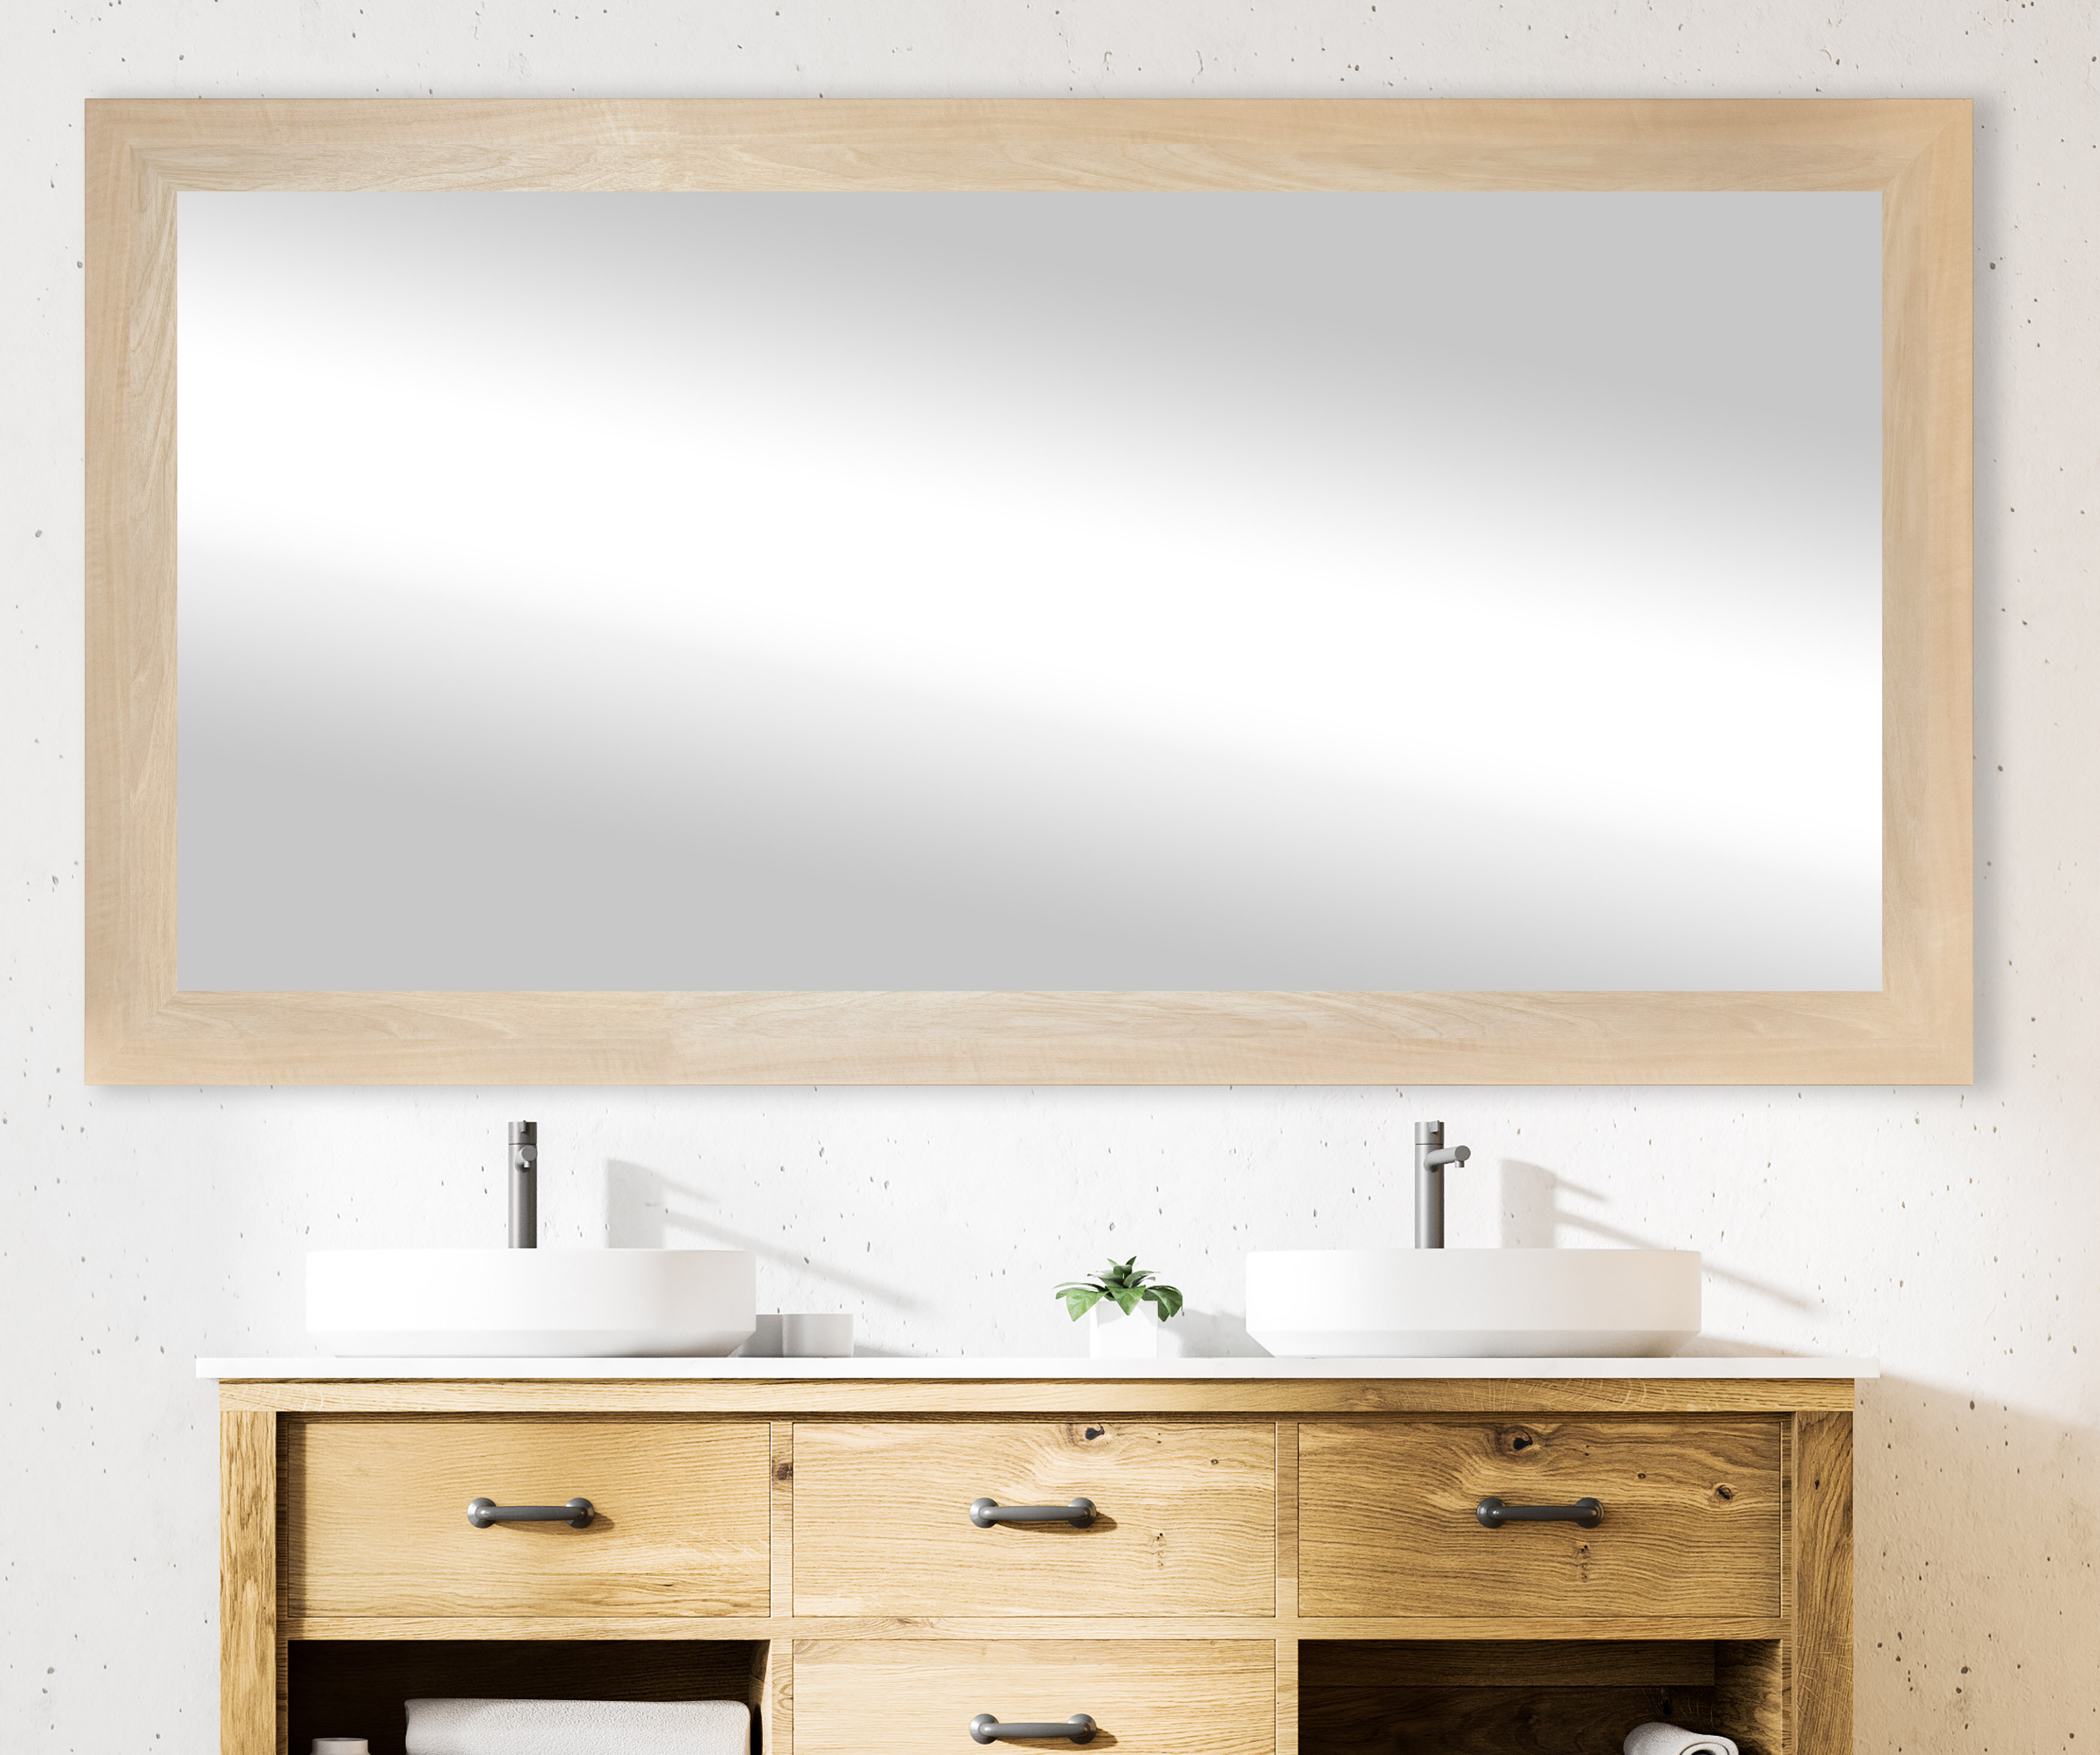 Gracie Oaks Trond Rayne Modern Farmhouse Bathroom Vanity Mirror Reviews Wayfair